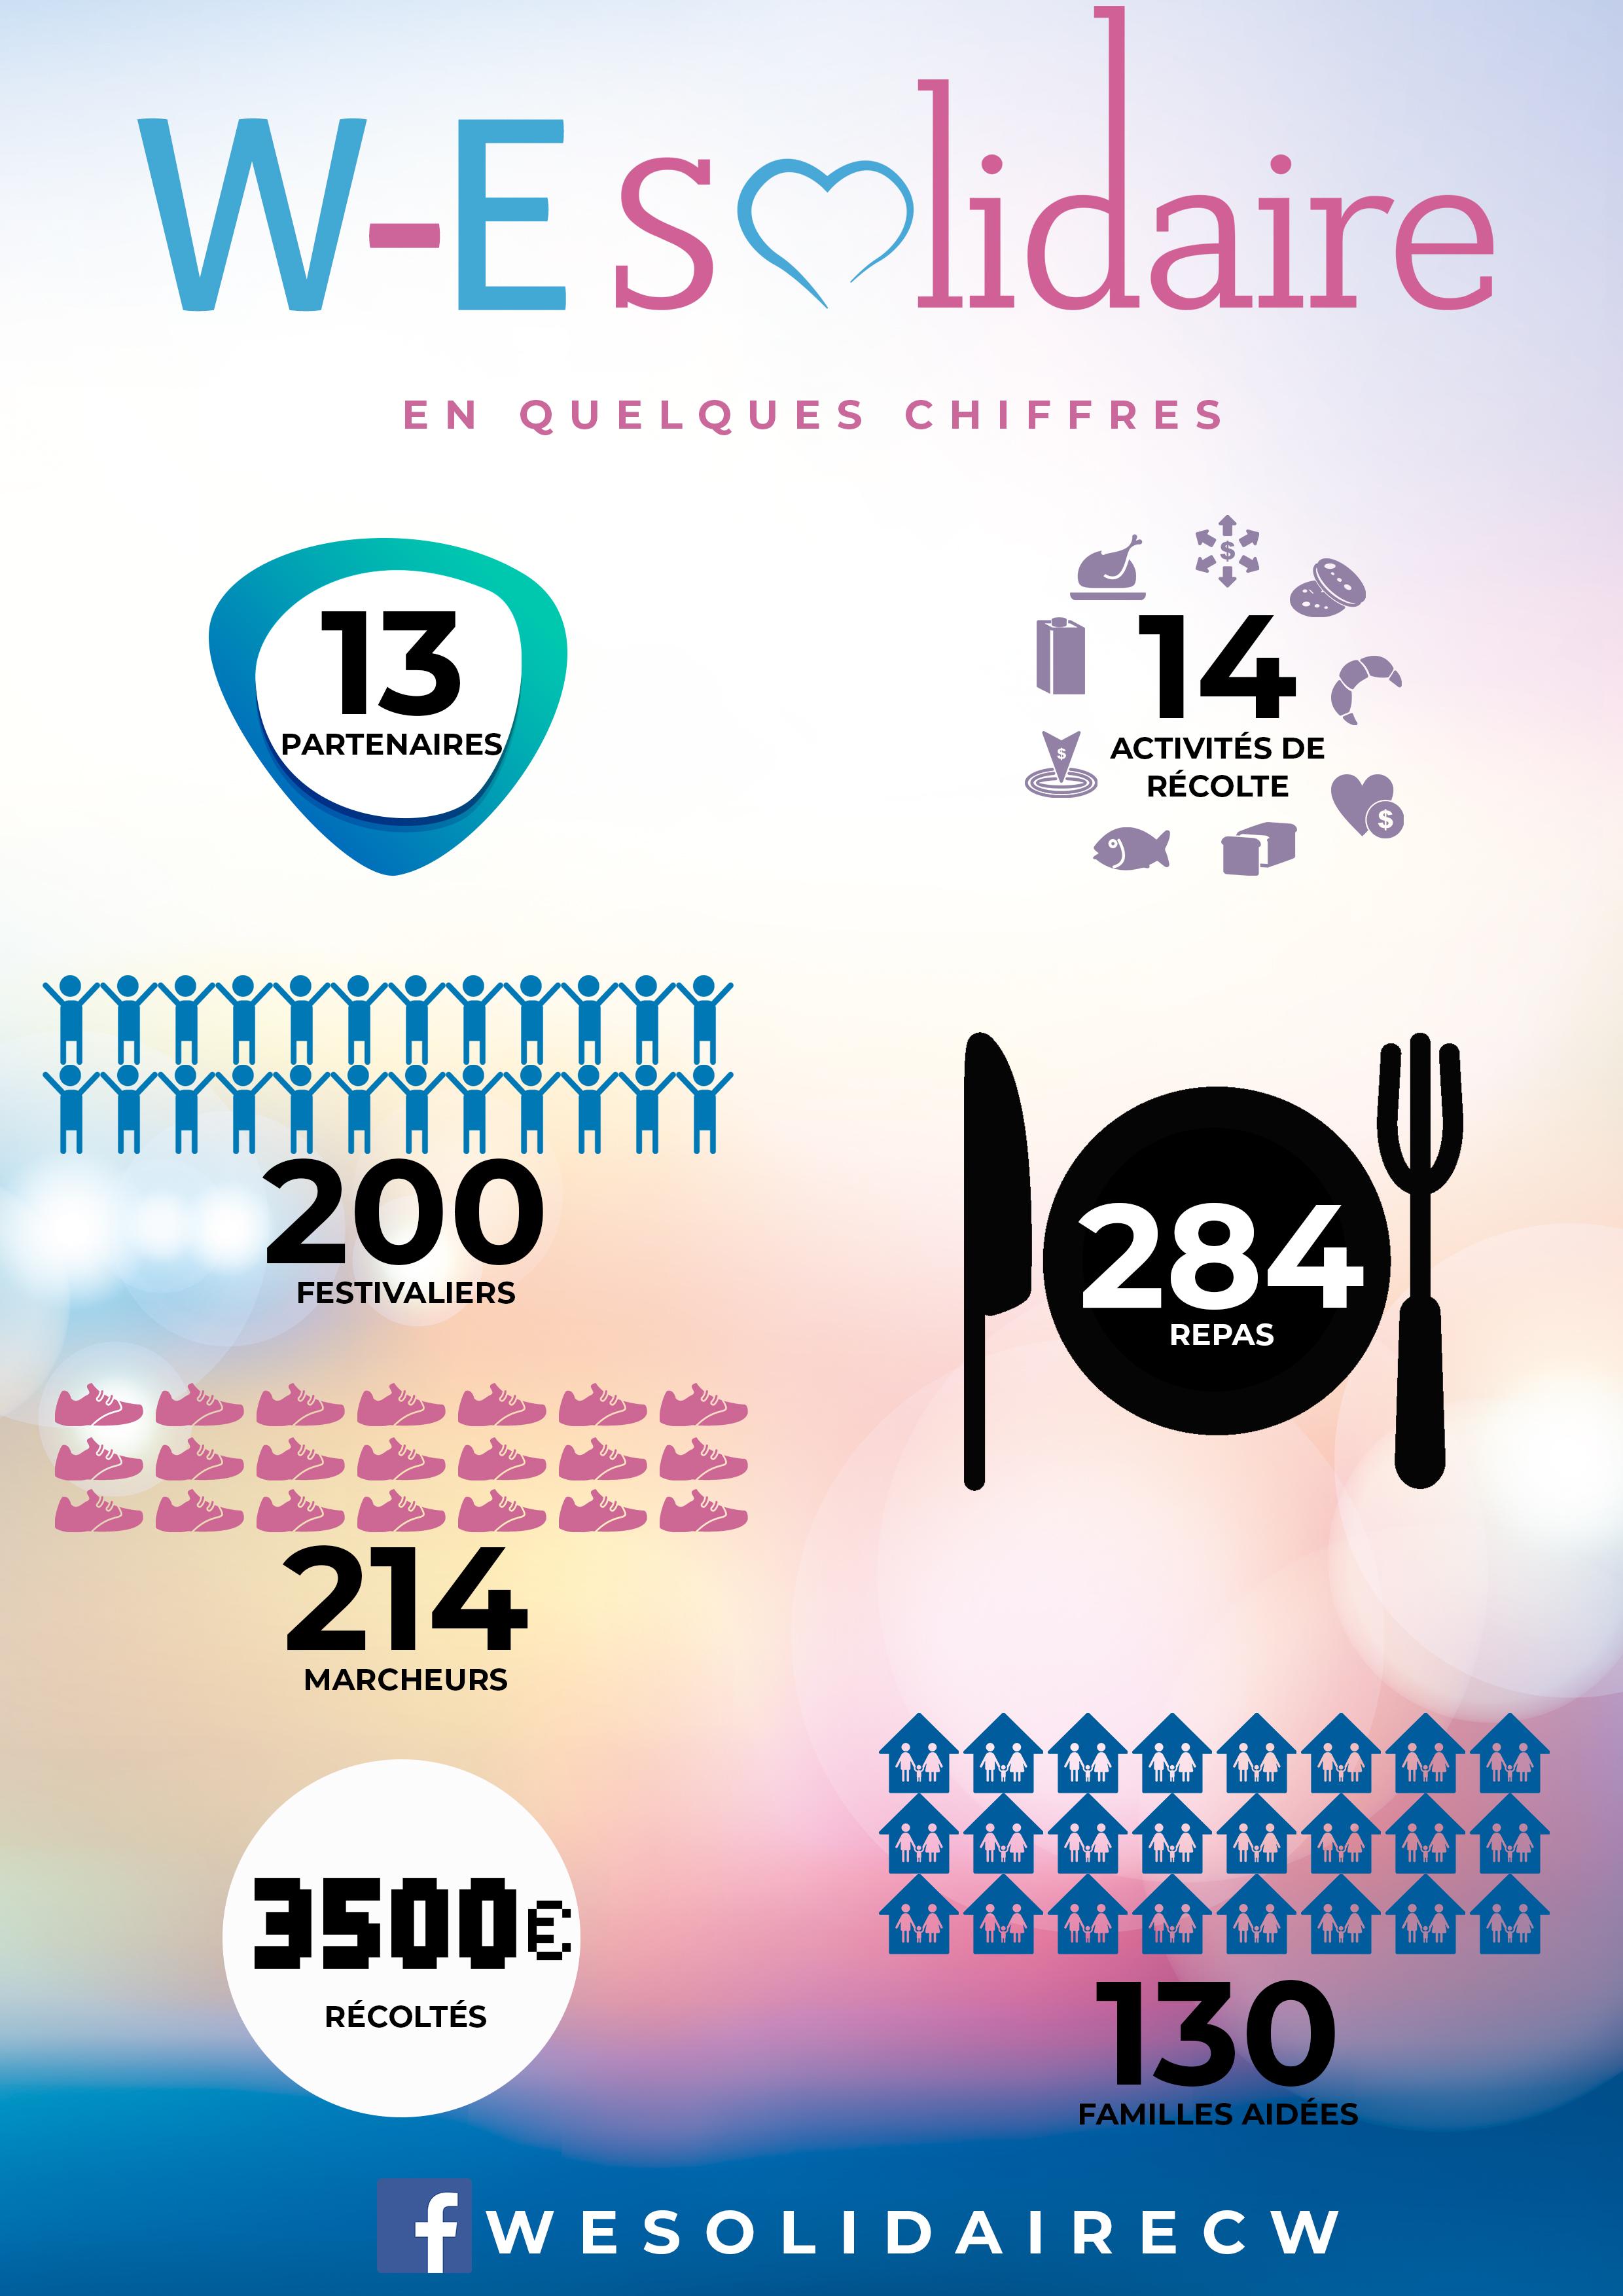 infographie-v03 - copie